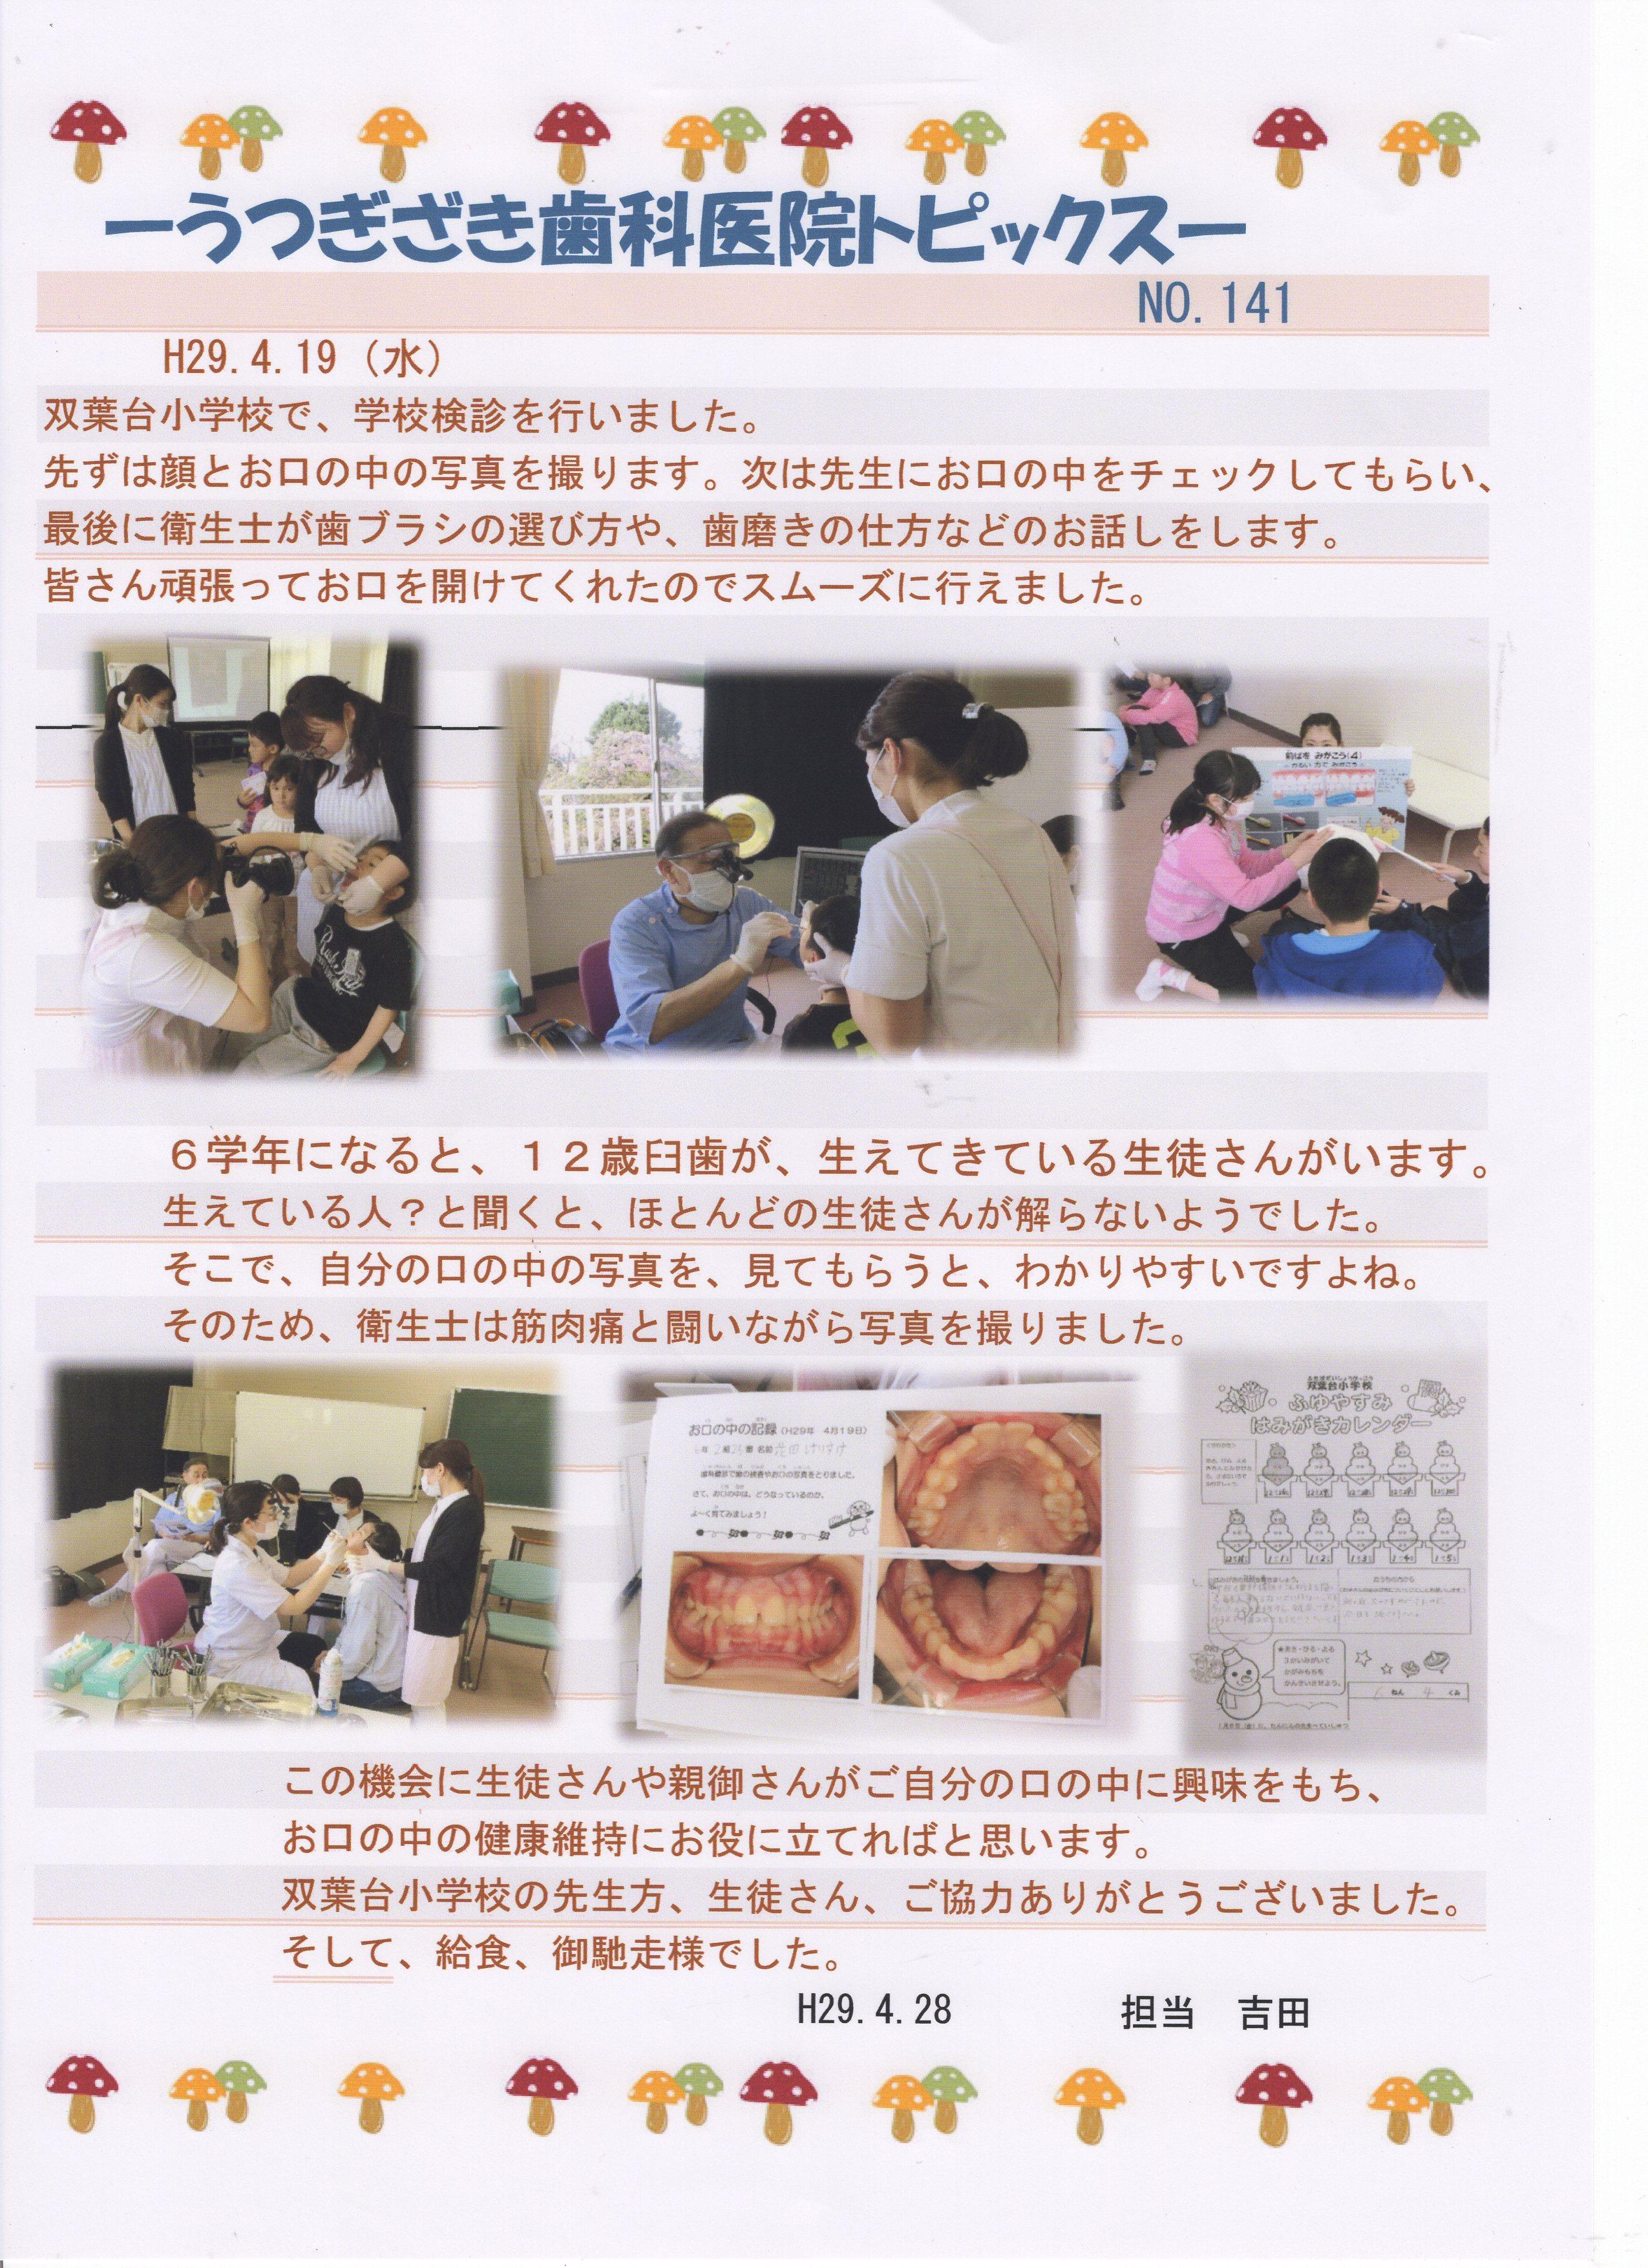 うつぎざき歯科医院トピックス NO.141